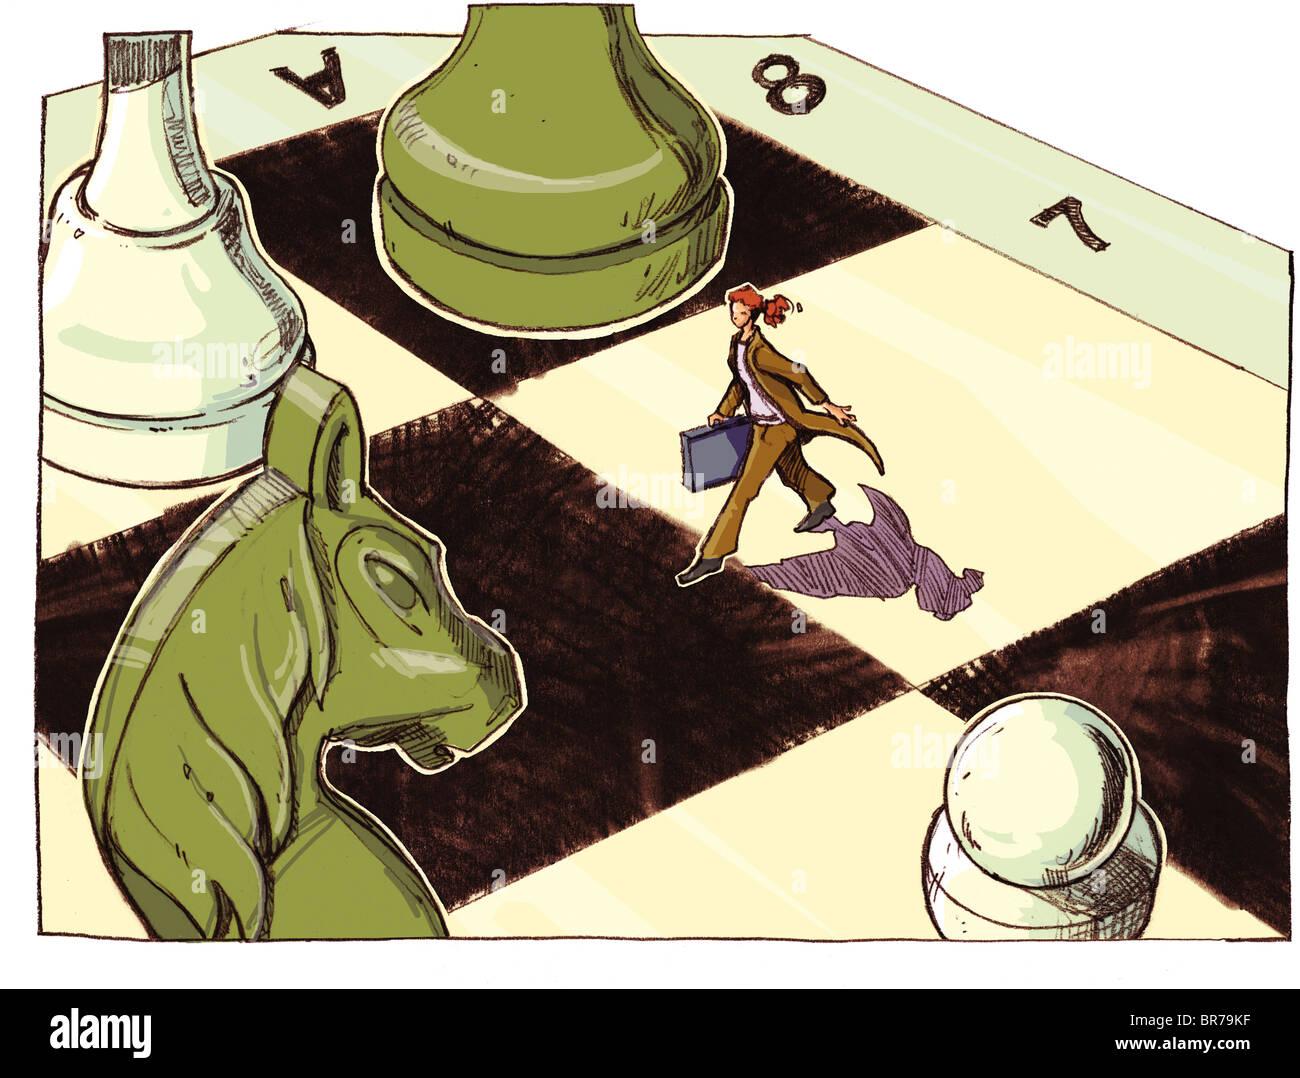 Una empresaria caminando a través de un gigantesco tablero de ajedrez Foto de stock